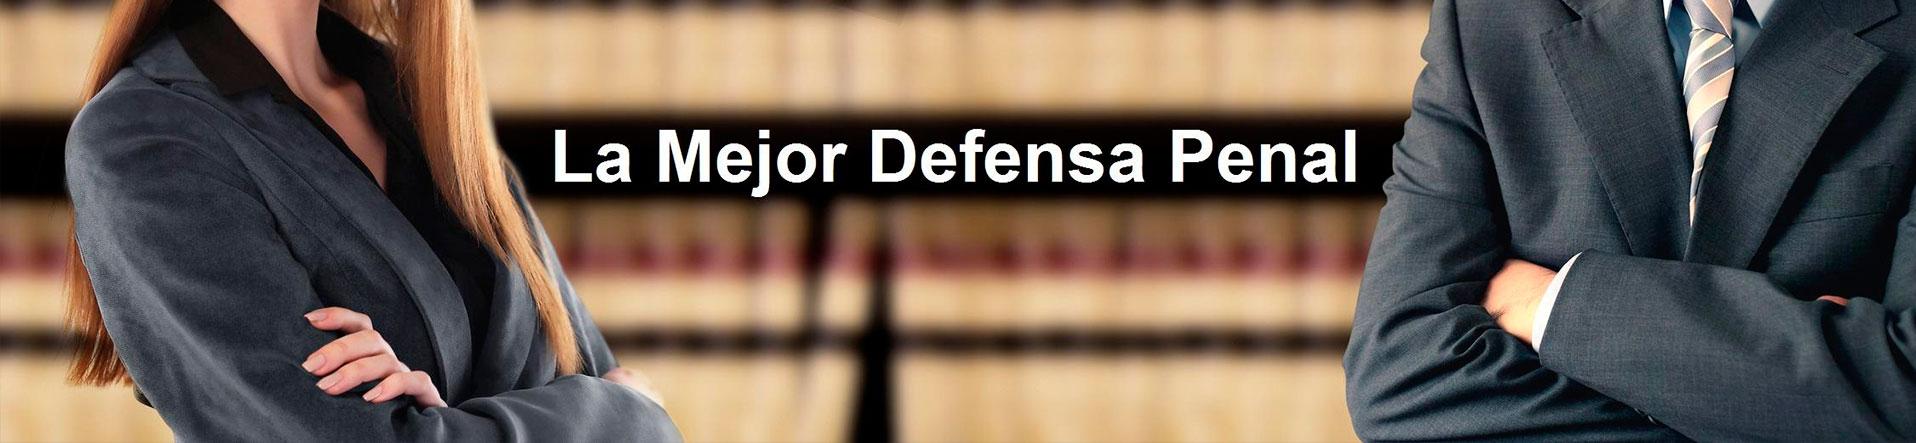 penal-perles-subheader2